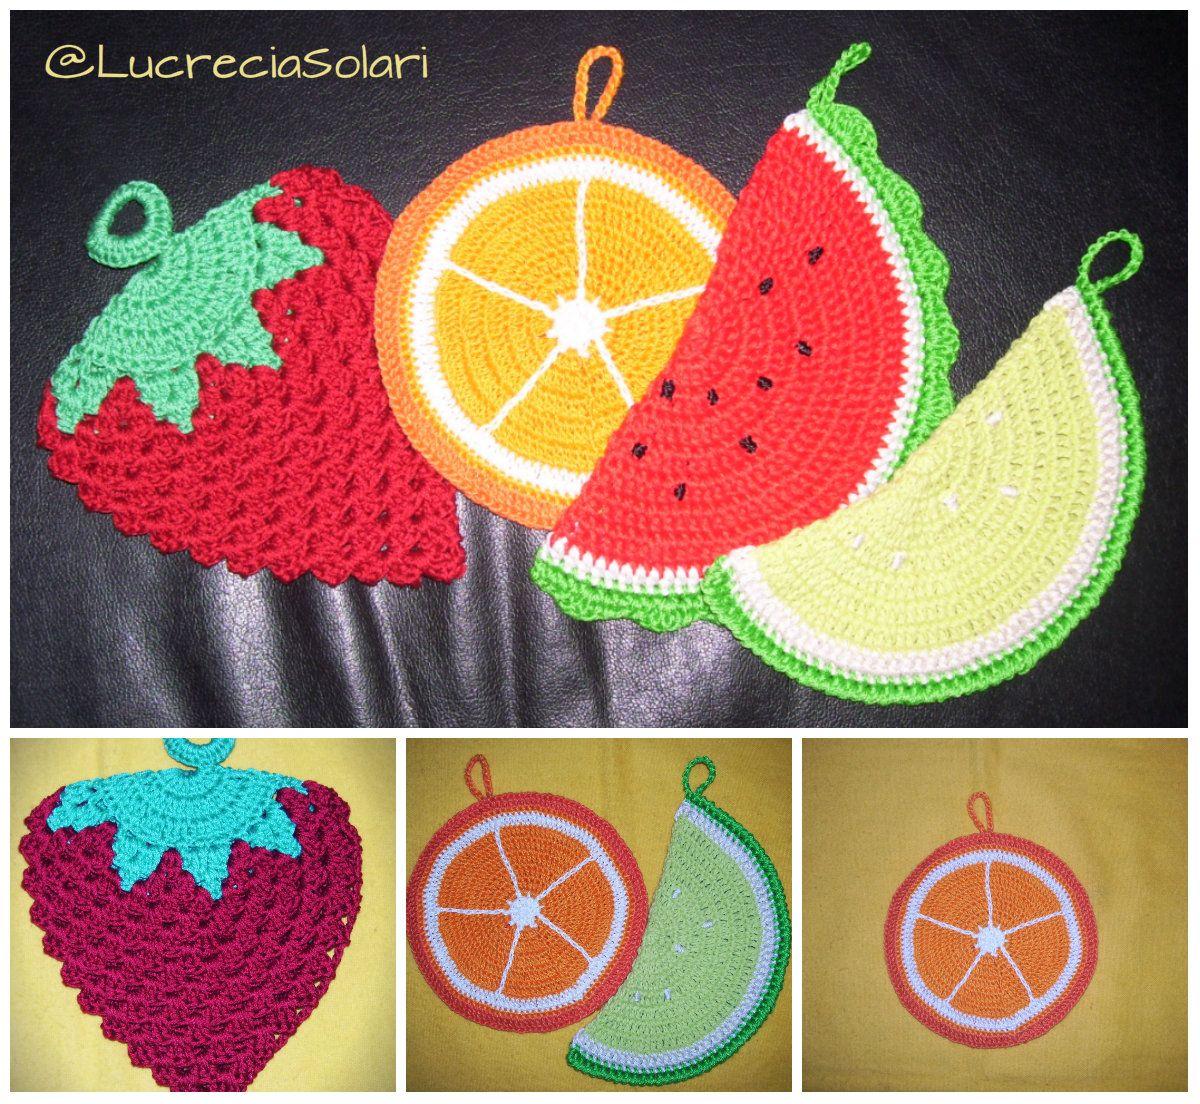 Nuevos Motivos De Agarraderas Naranja Y Lima Multifrutal